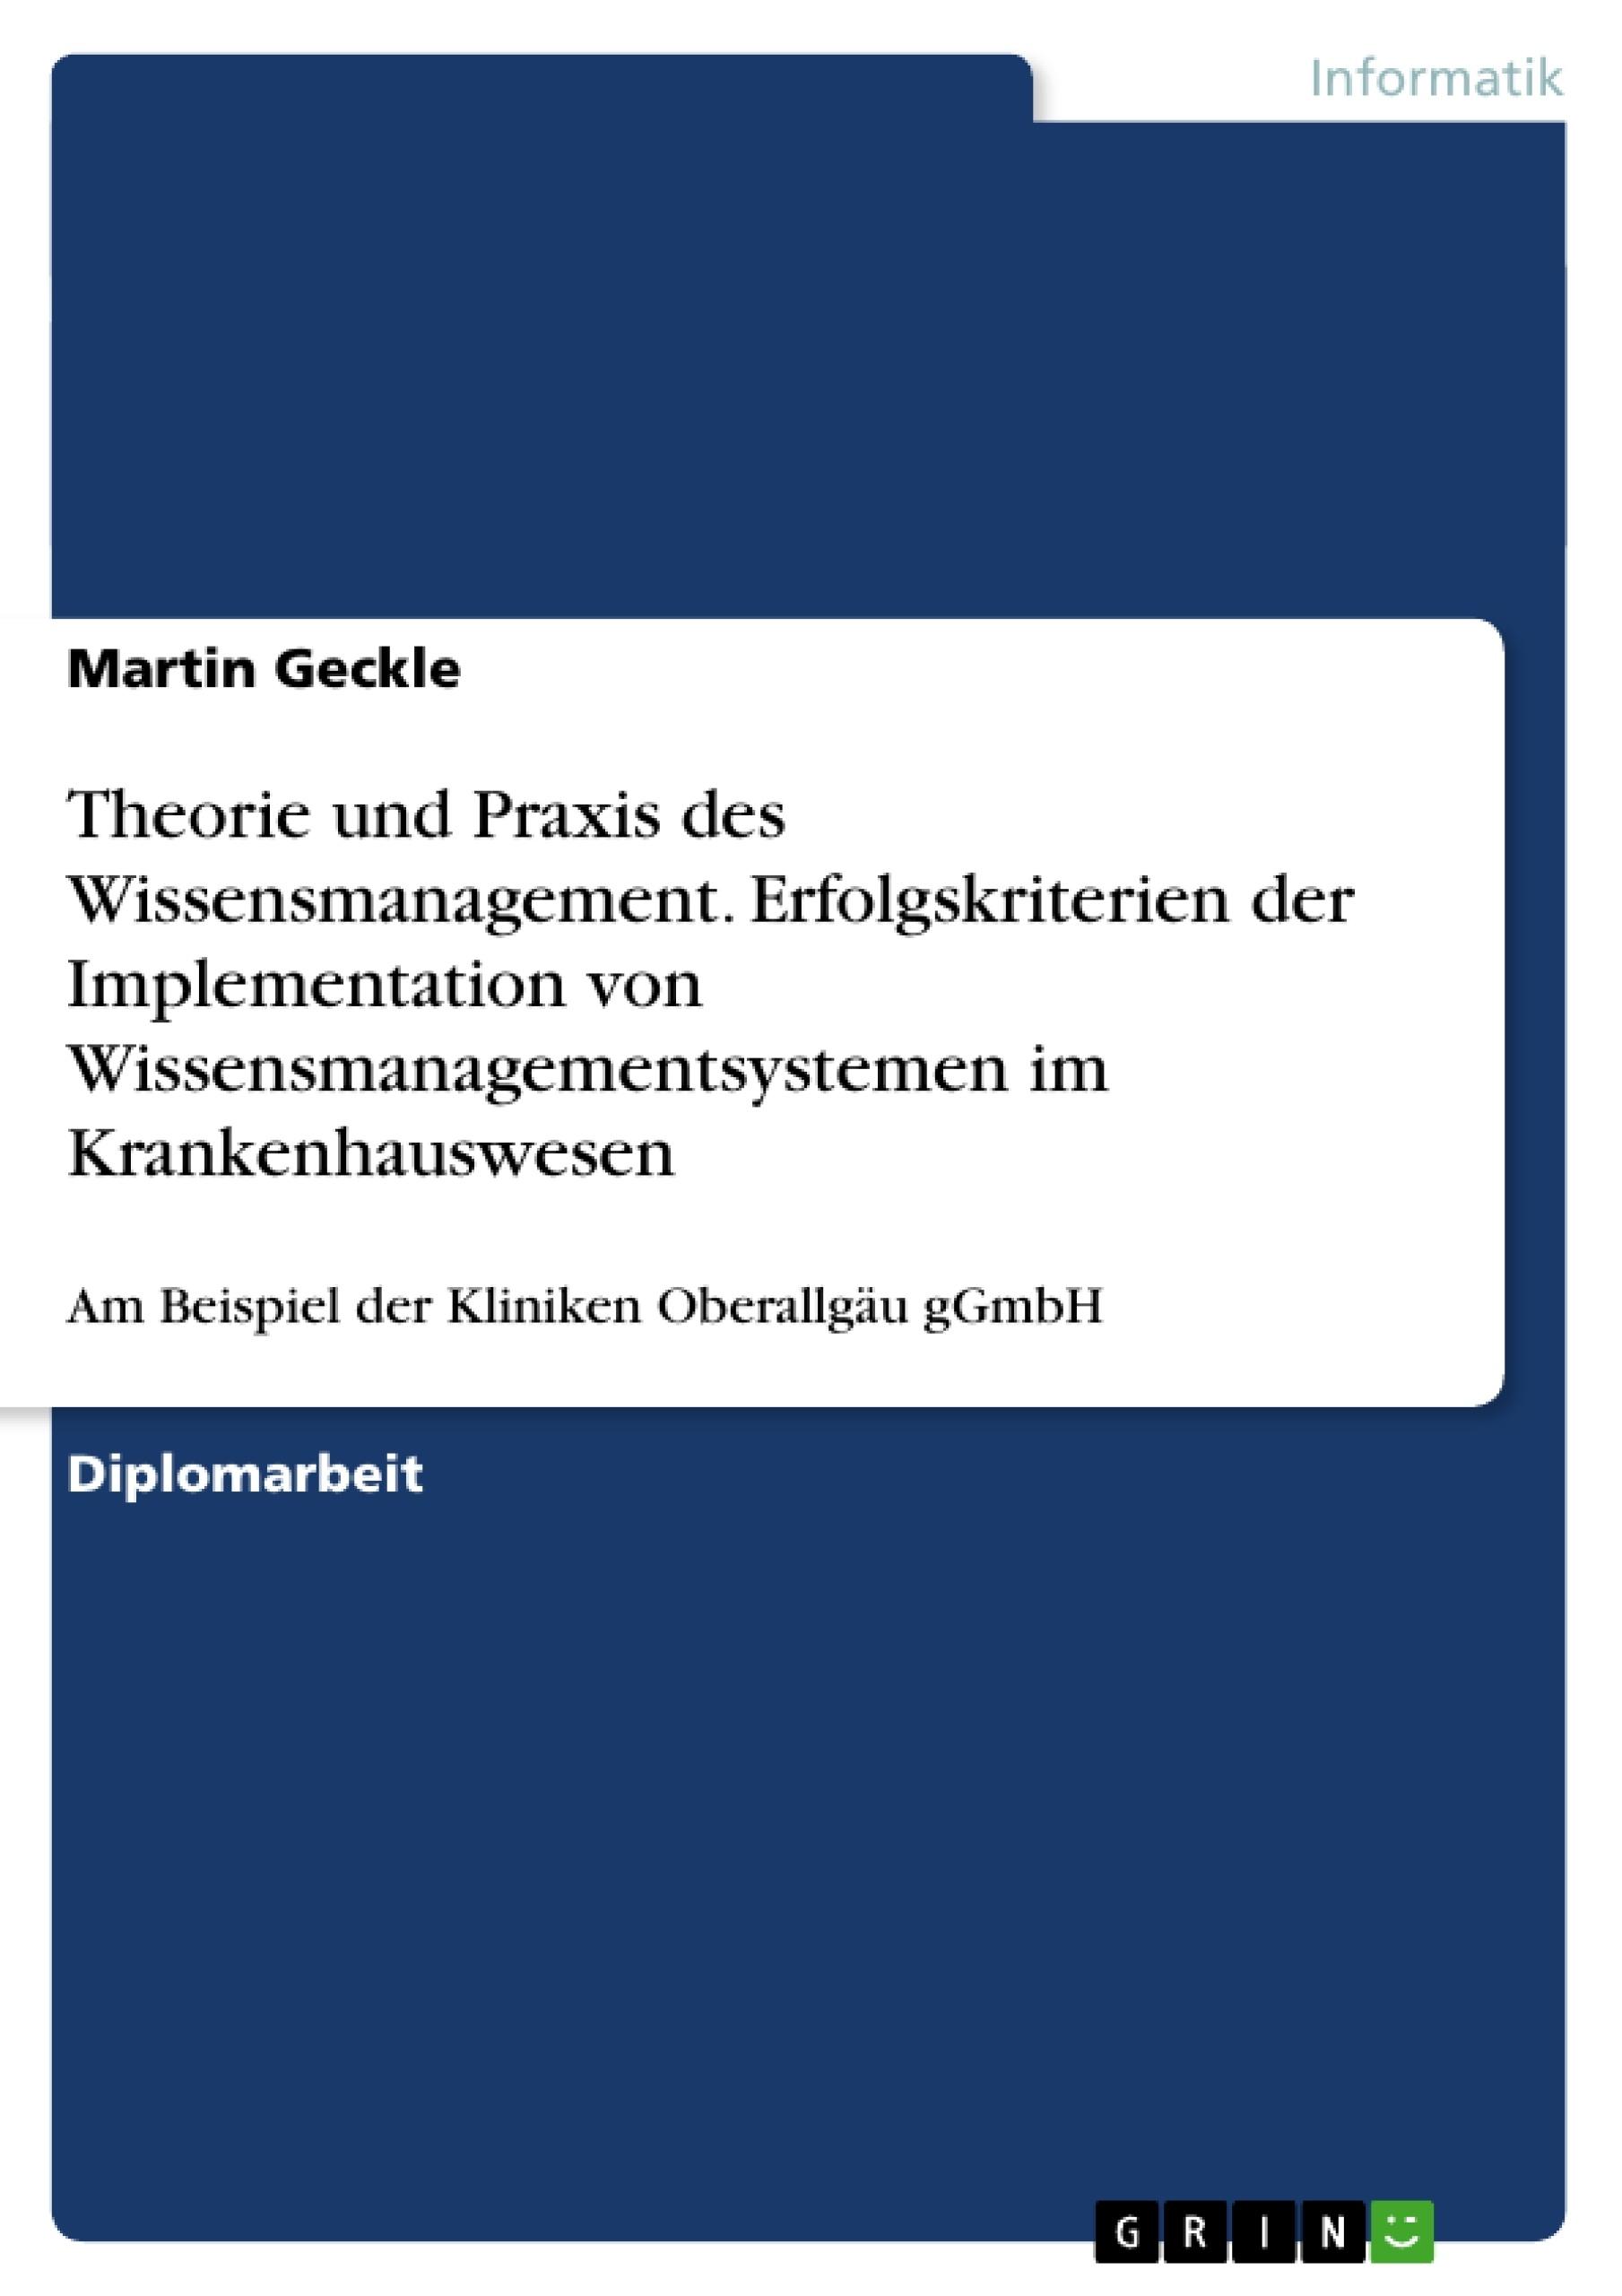 Titel: Theorie und Praxis des Wissensmanagement. Erfolgskriterien der Implementation von Wissensmanagementsystemen im Krankenhauswesen